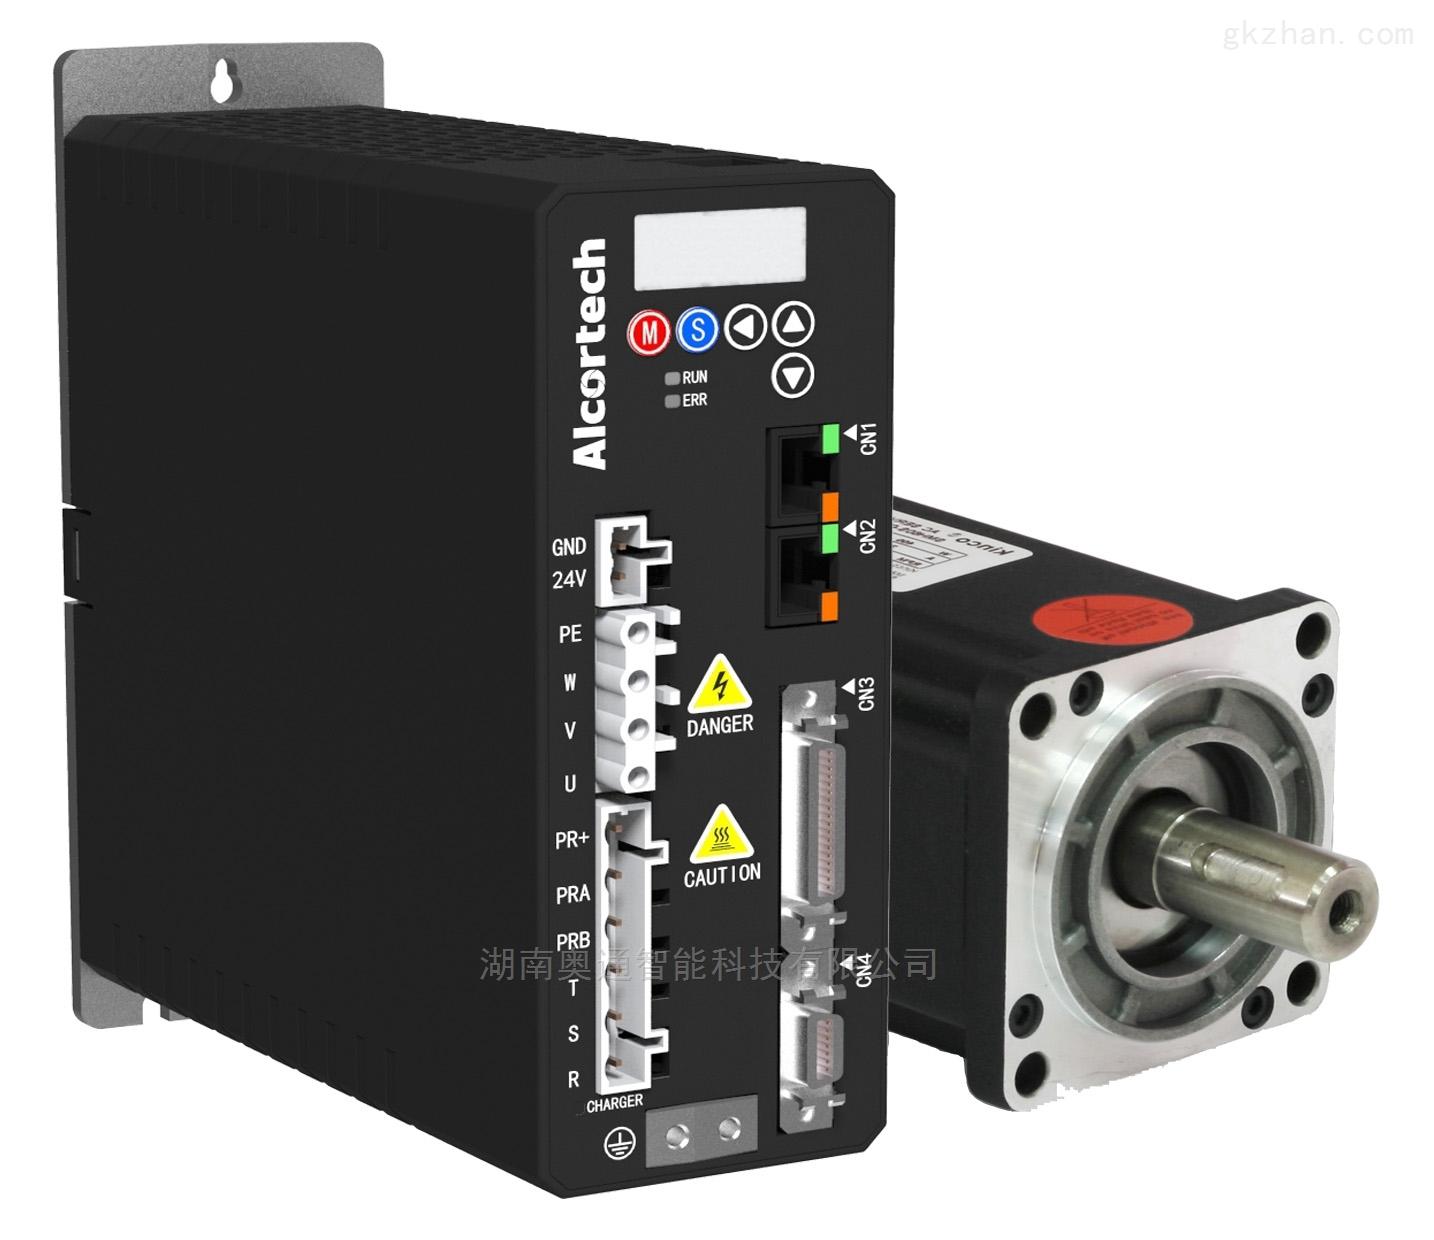 750W奥通ATS系列中小功率伺服驱动器